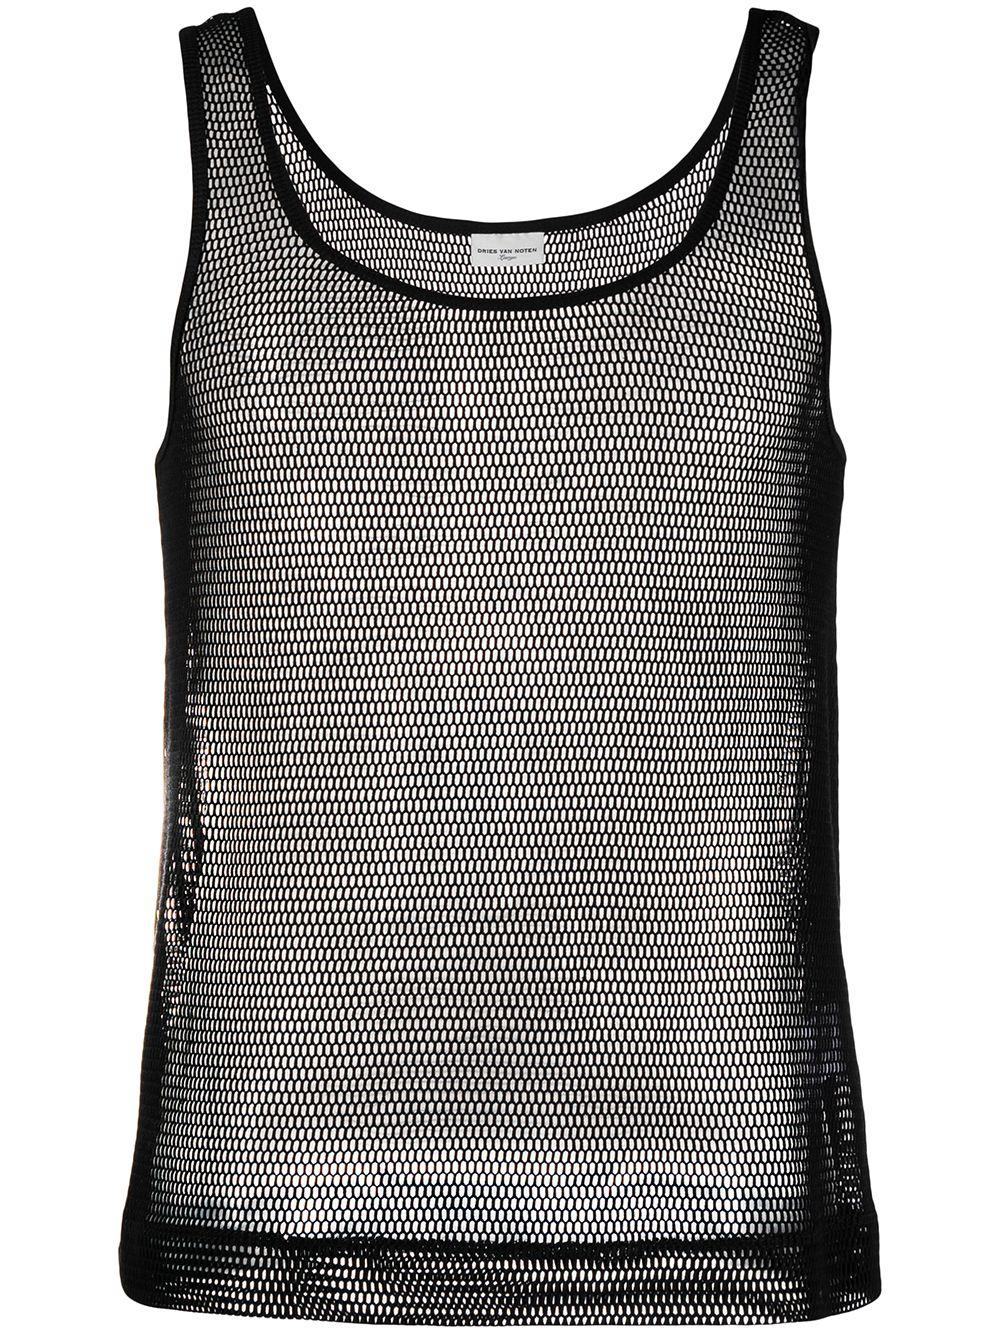 Dries Van Noten canotta in rete di cotone uomo DRIES VAN NOTEN | T-shirt | HALK2616BLACK